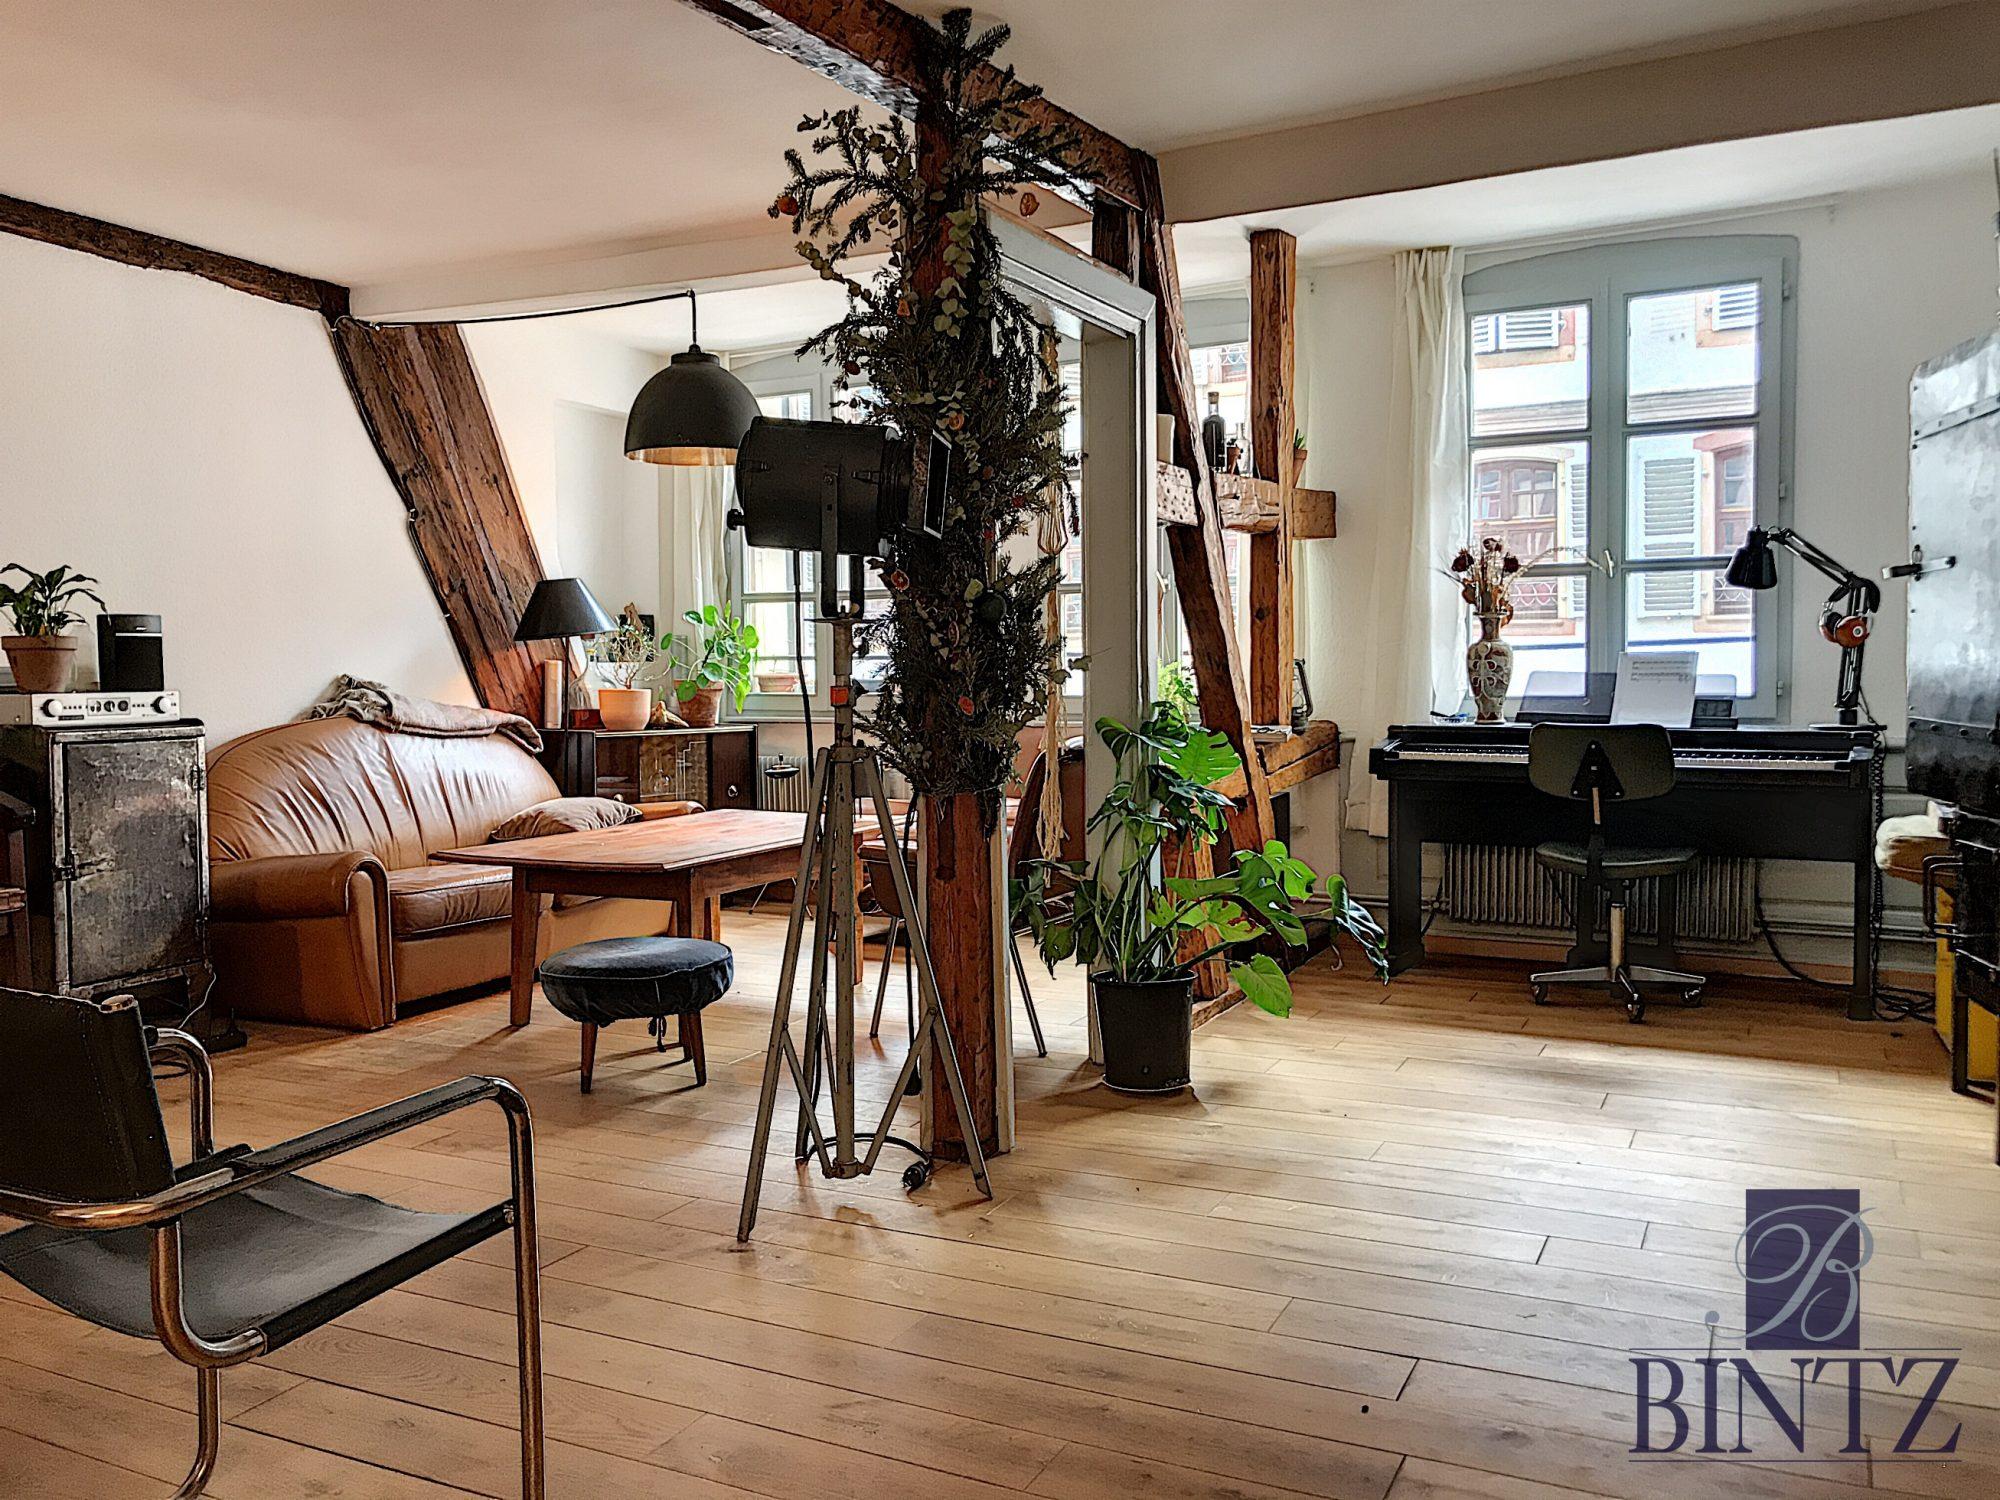 4 PIÈCES FACE À LA CATHÉDRALE - Devenez locataire en toute sérénité - Bintz Immobilier - 1